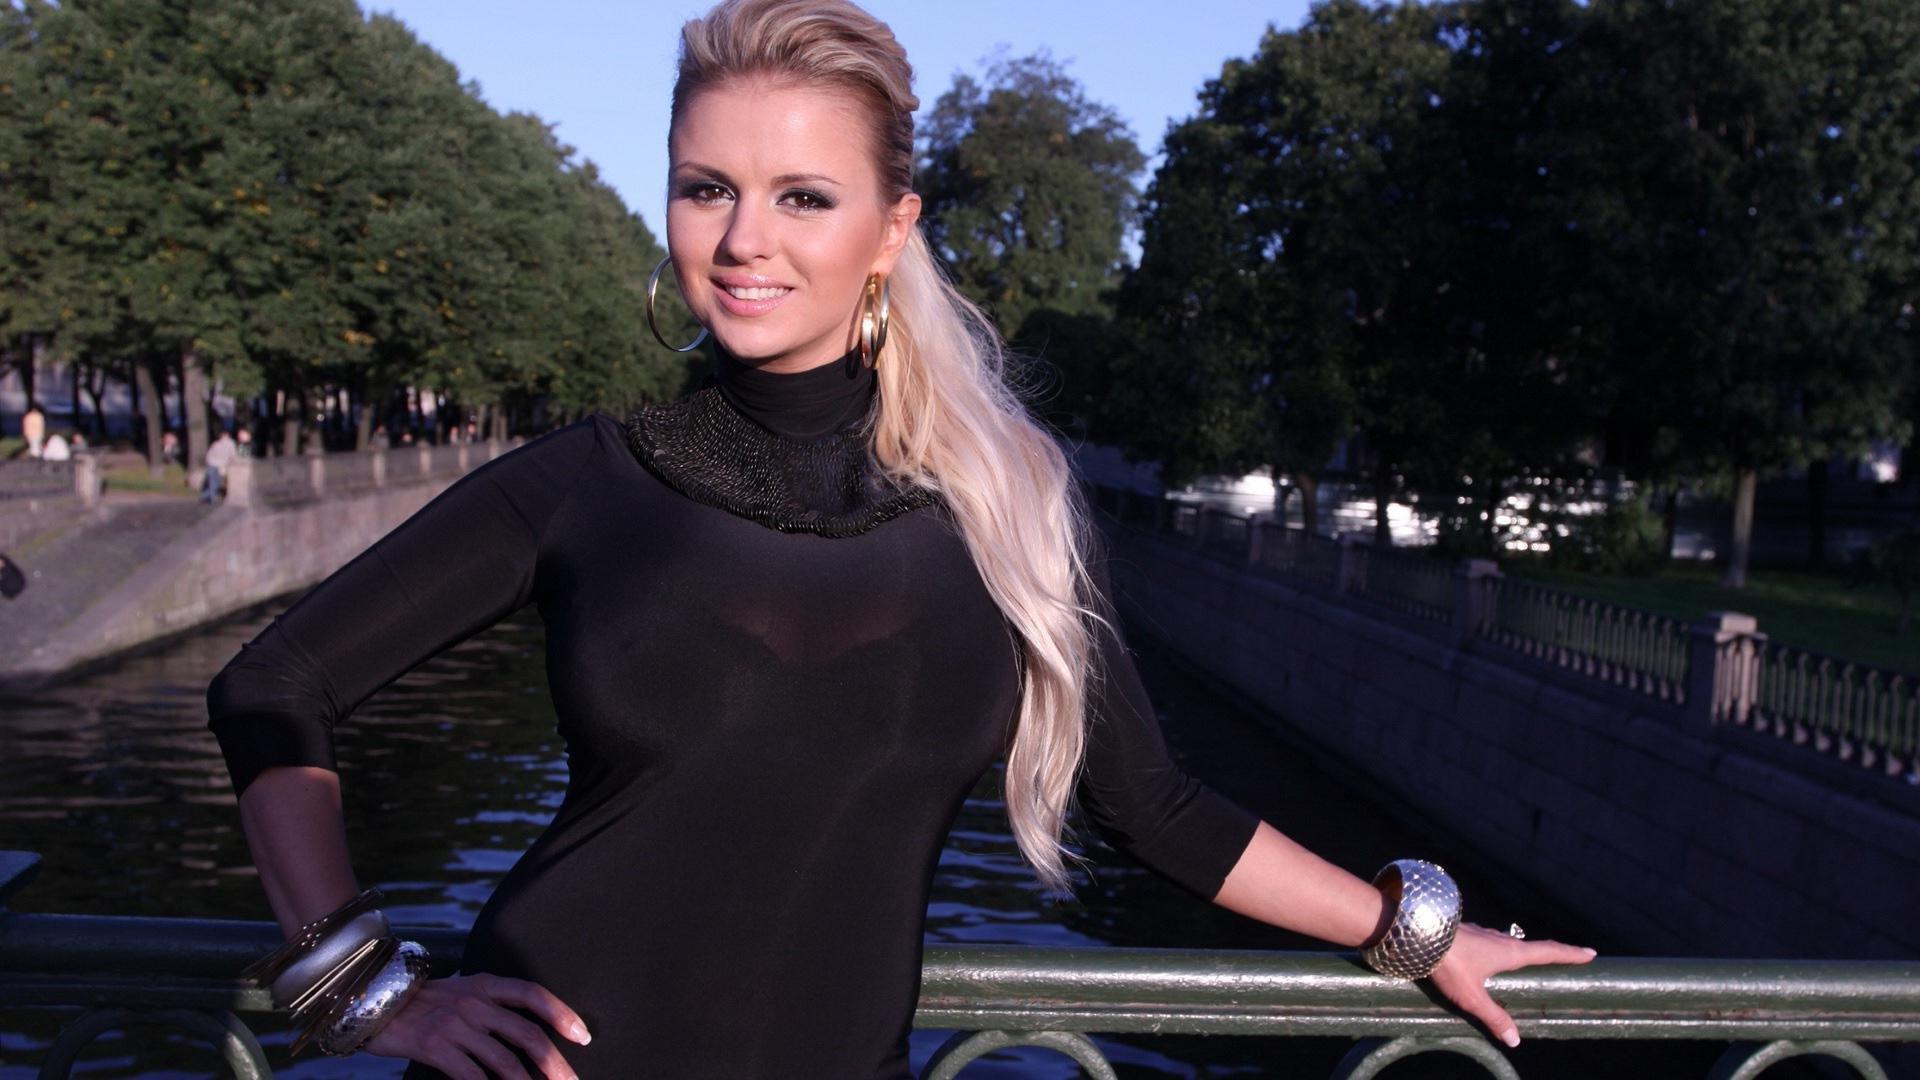 Прически для женщин 35 лет на средние волосы фото